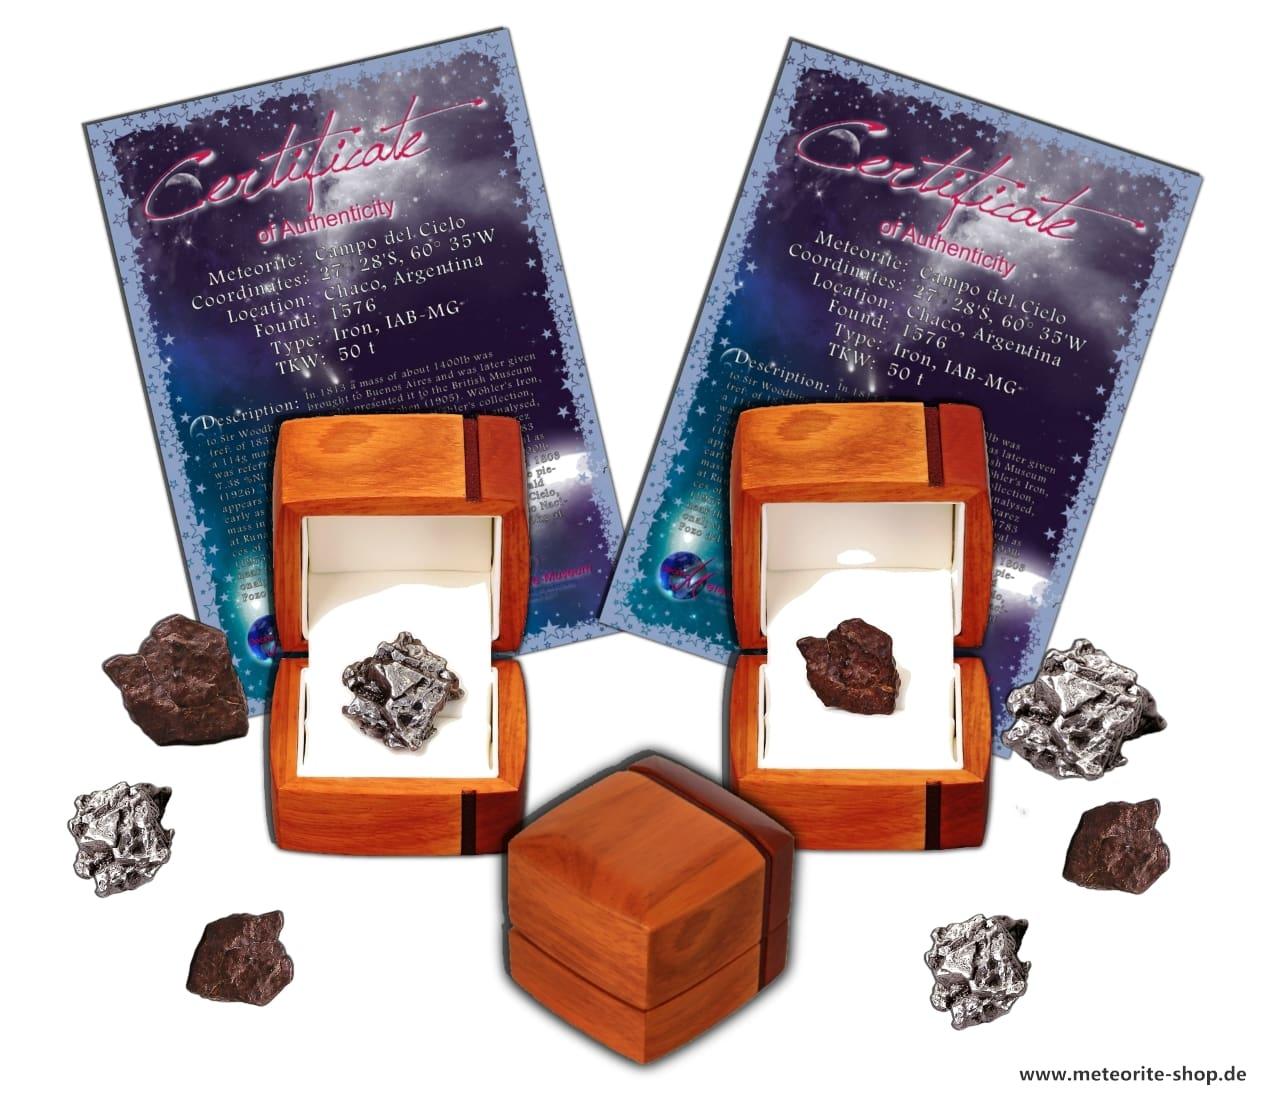 Personalisierte Sternschnuppe (Meteor) als echten Stein- oder Eisenmeteorit zum Verschenken.